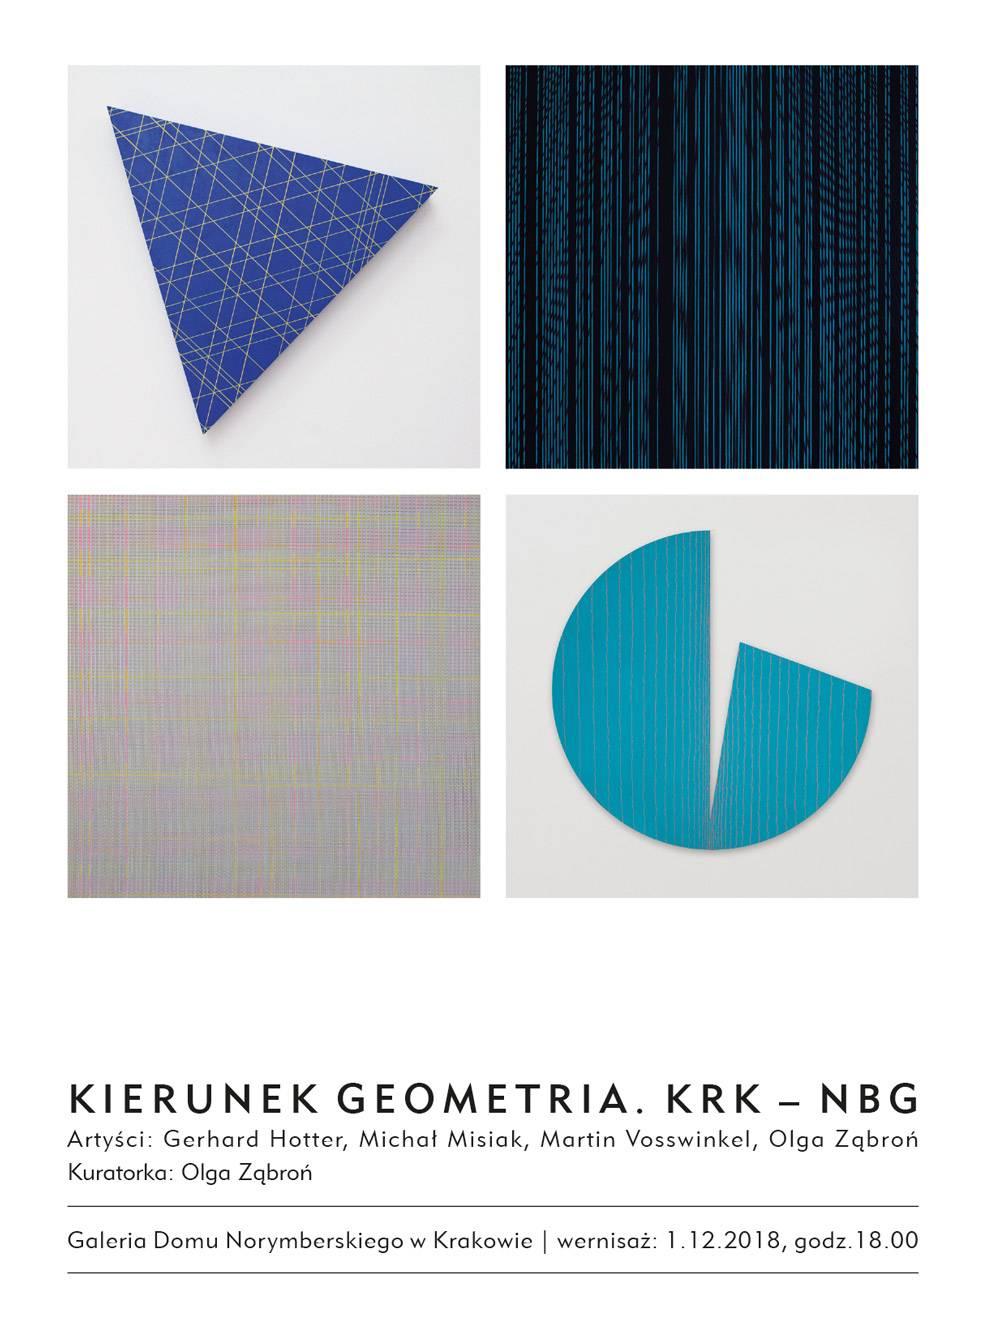 """""""Kierunek Geometria. KRK - NBG"""" (źródło: materiały prasowe organizatora)"""